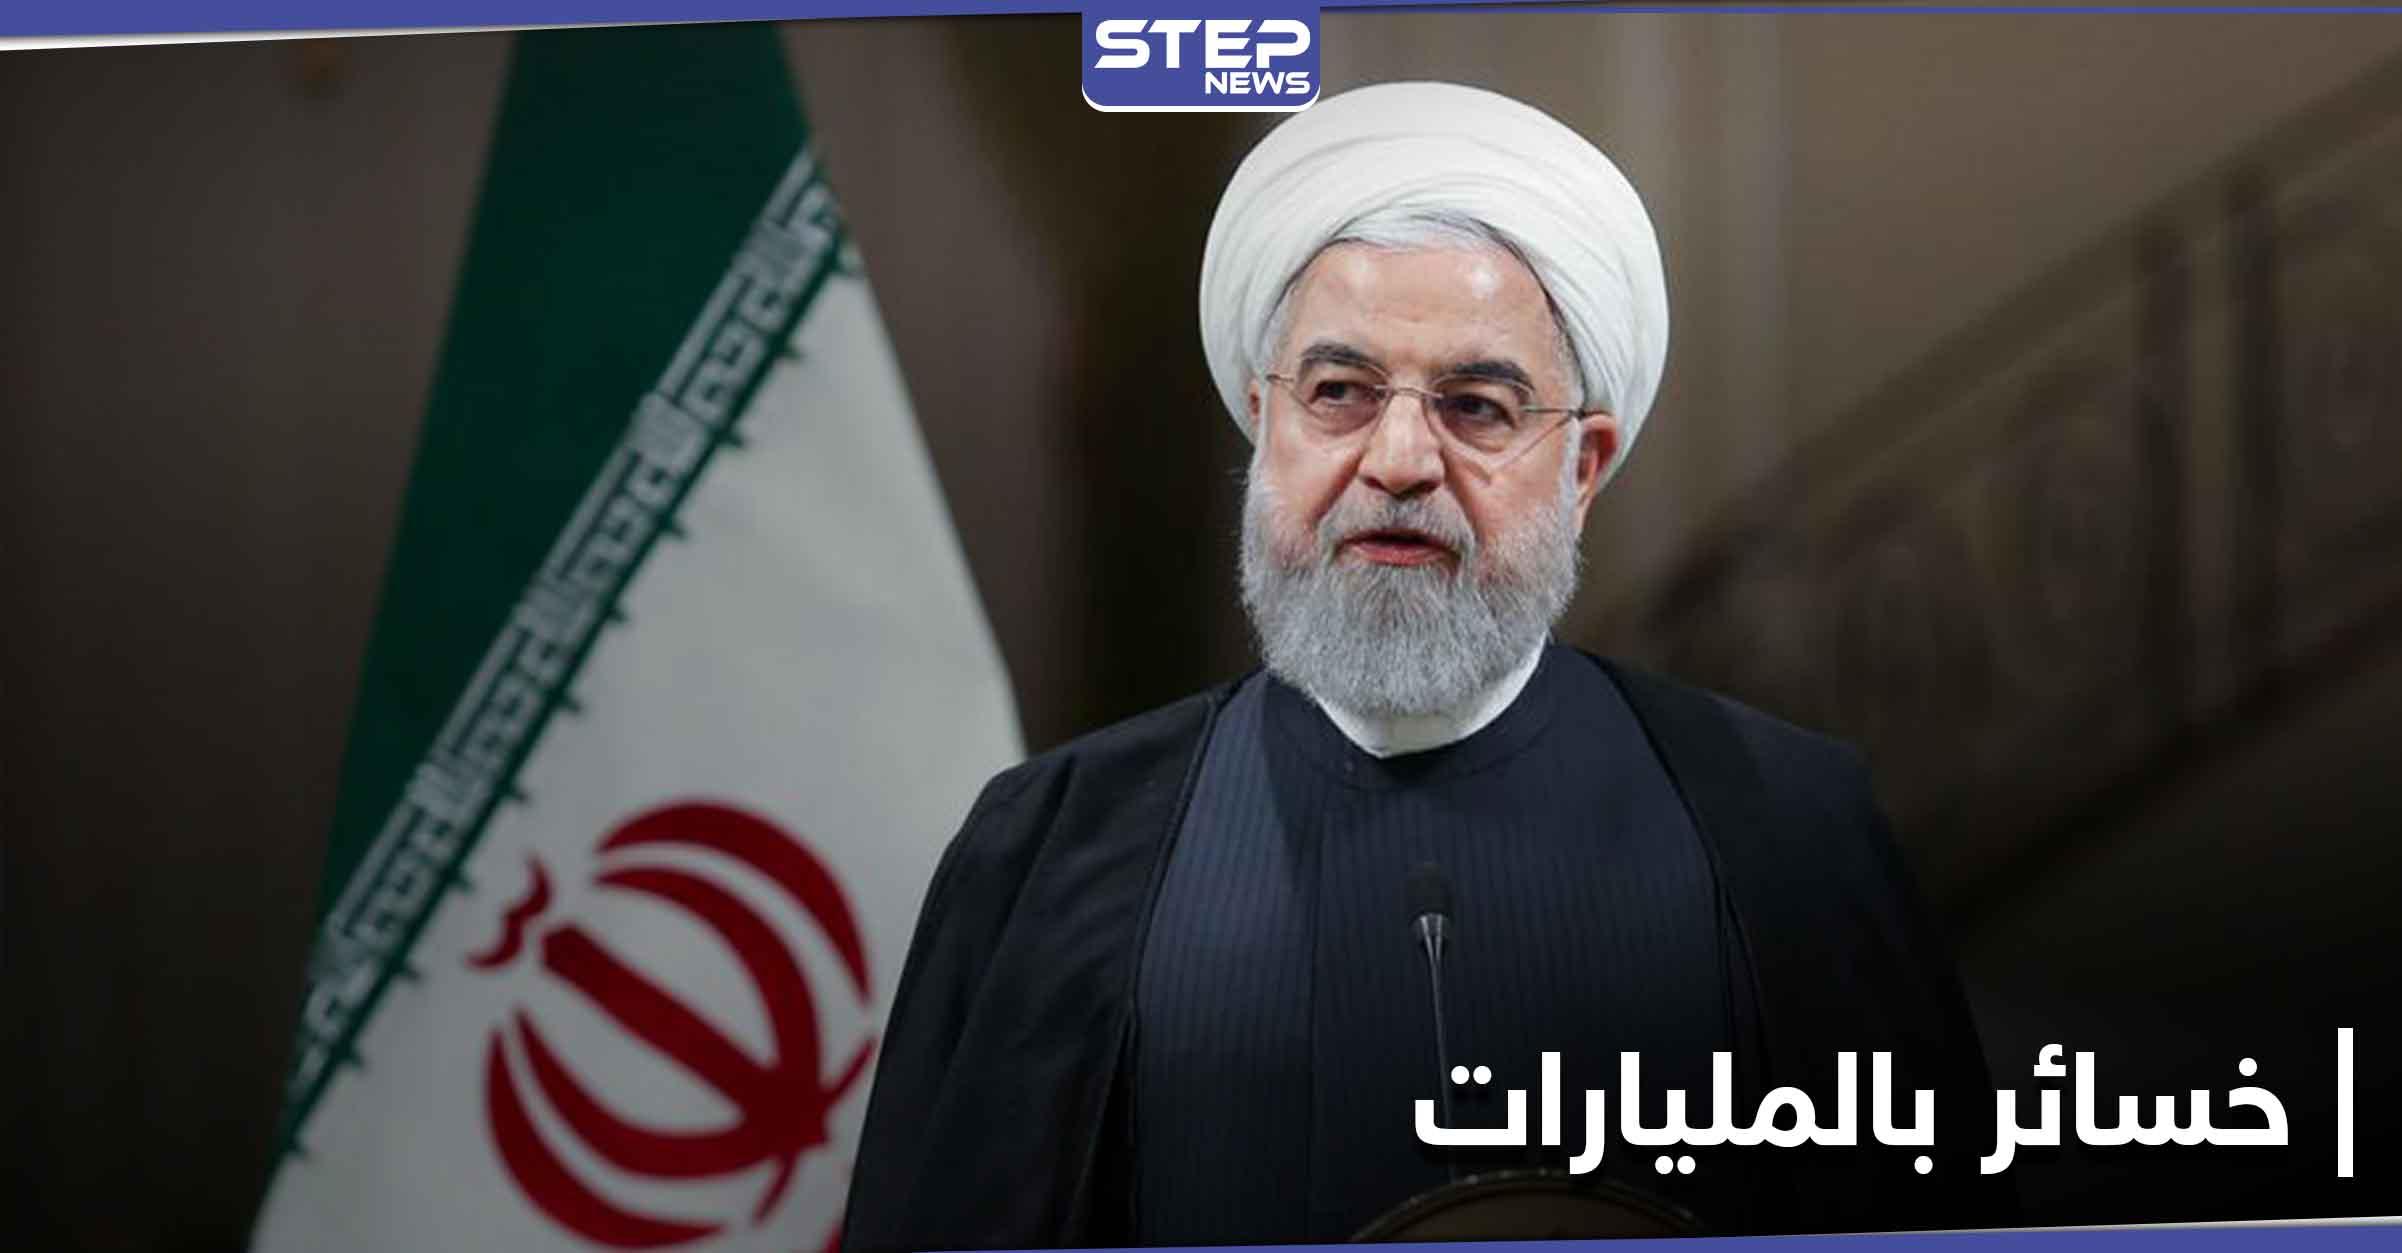 إيران تشير إلى الدولة الأخطر على أمن الشرق الأوسط.. وتتحدث عن خسائر بمليارات الدولارات